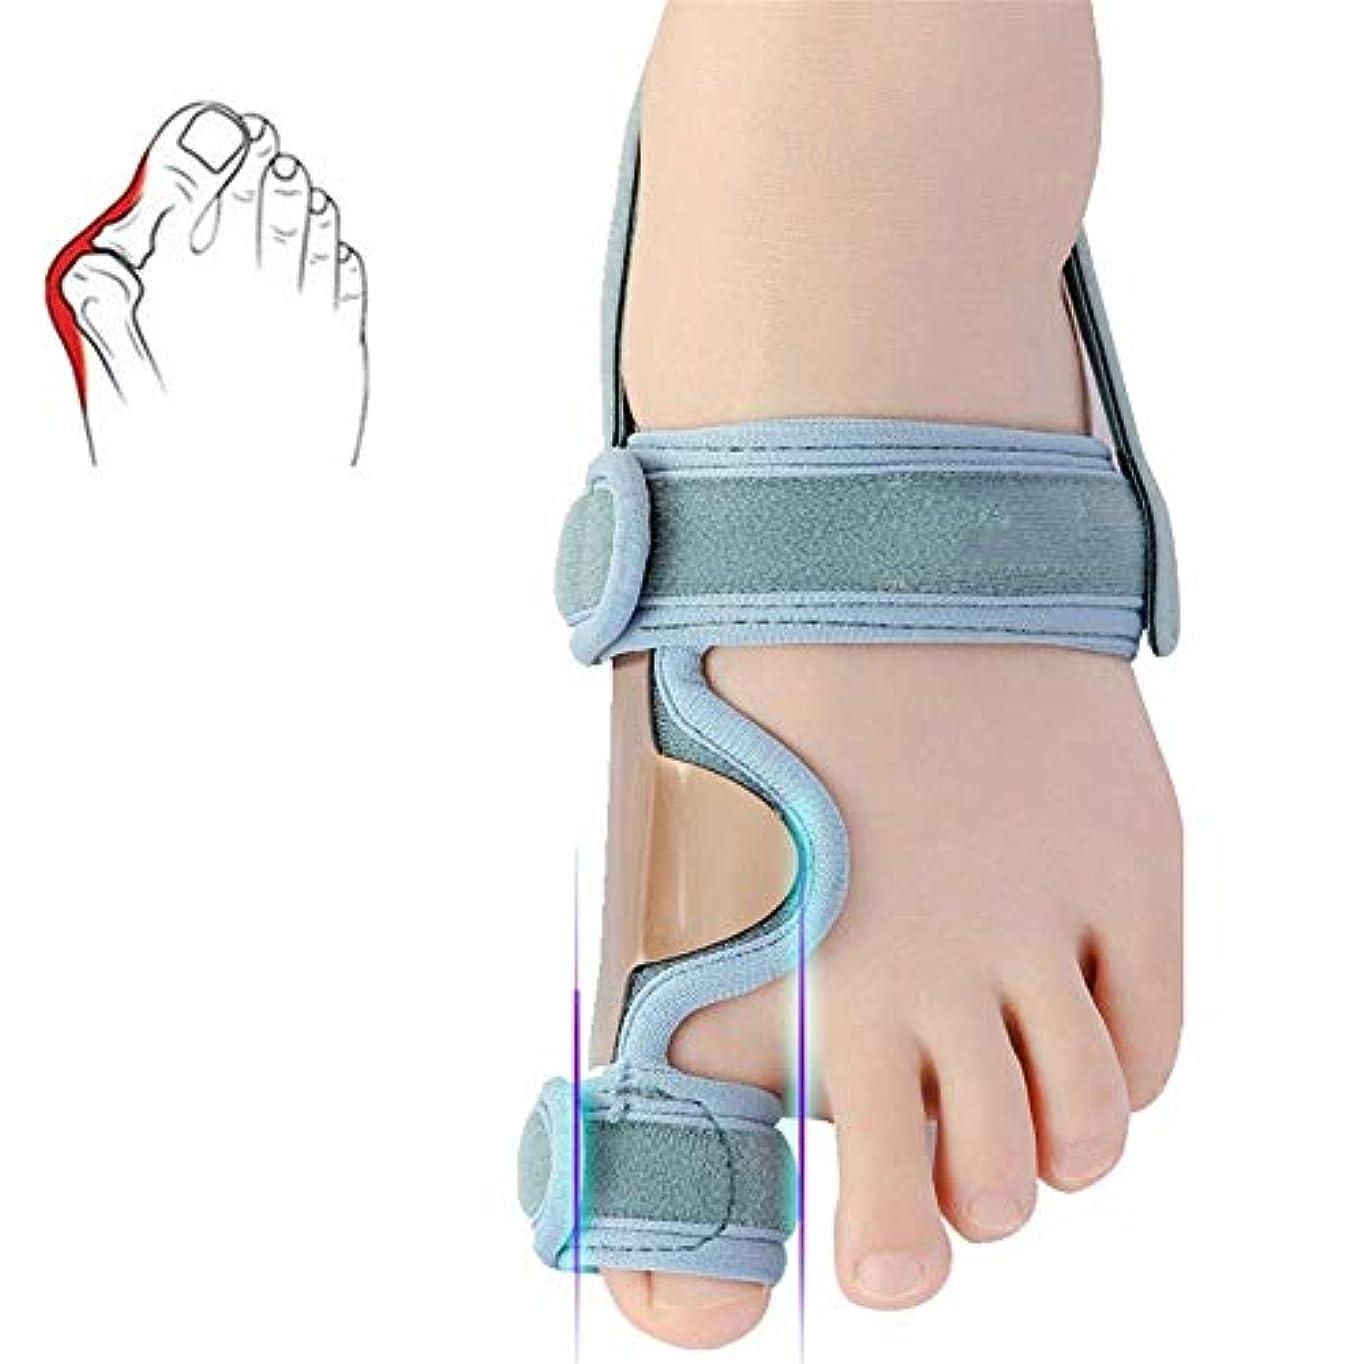 理解酔った無駄なNighttime Bunion Corrector Toe Straightener、夜用、1組の整形外科用Bunion Splintsビッグトゥストレイテナー、Bunion Splint Protectorバニオンブレース...